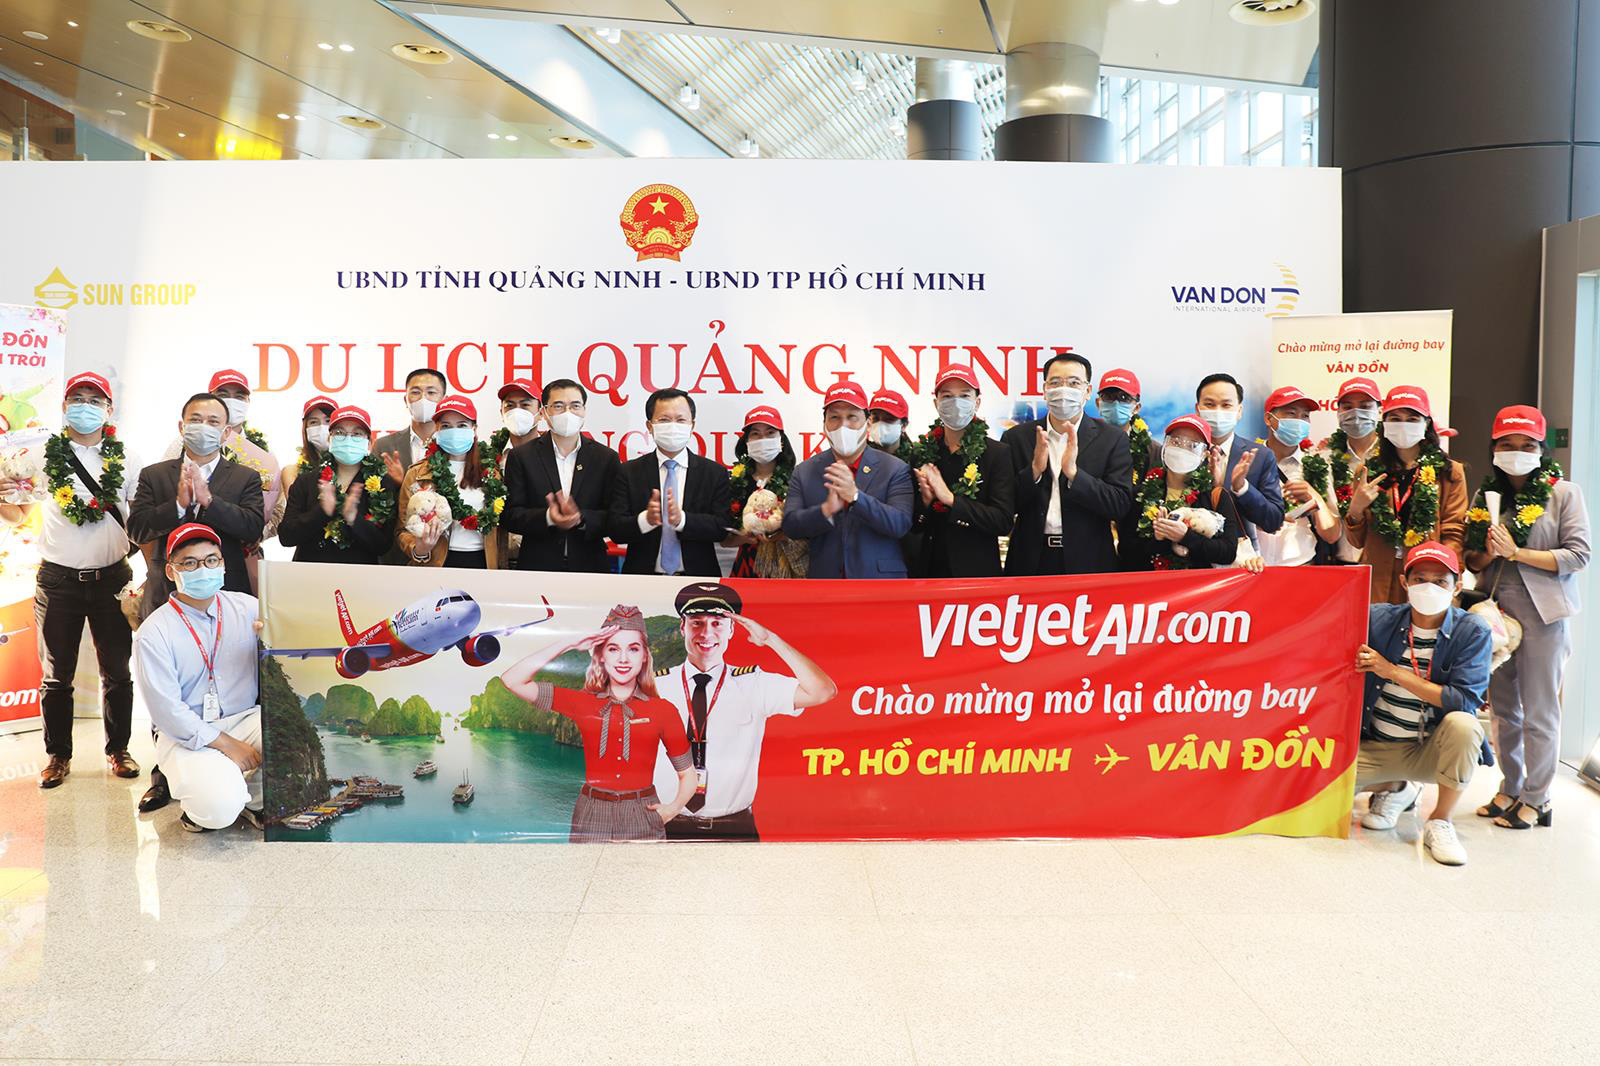 Sân bay Vân Đồn chính thức hoạt động trở lại sau hơn 1 tháng đóng cửa - Ảnh 1.